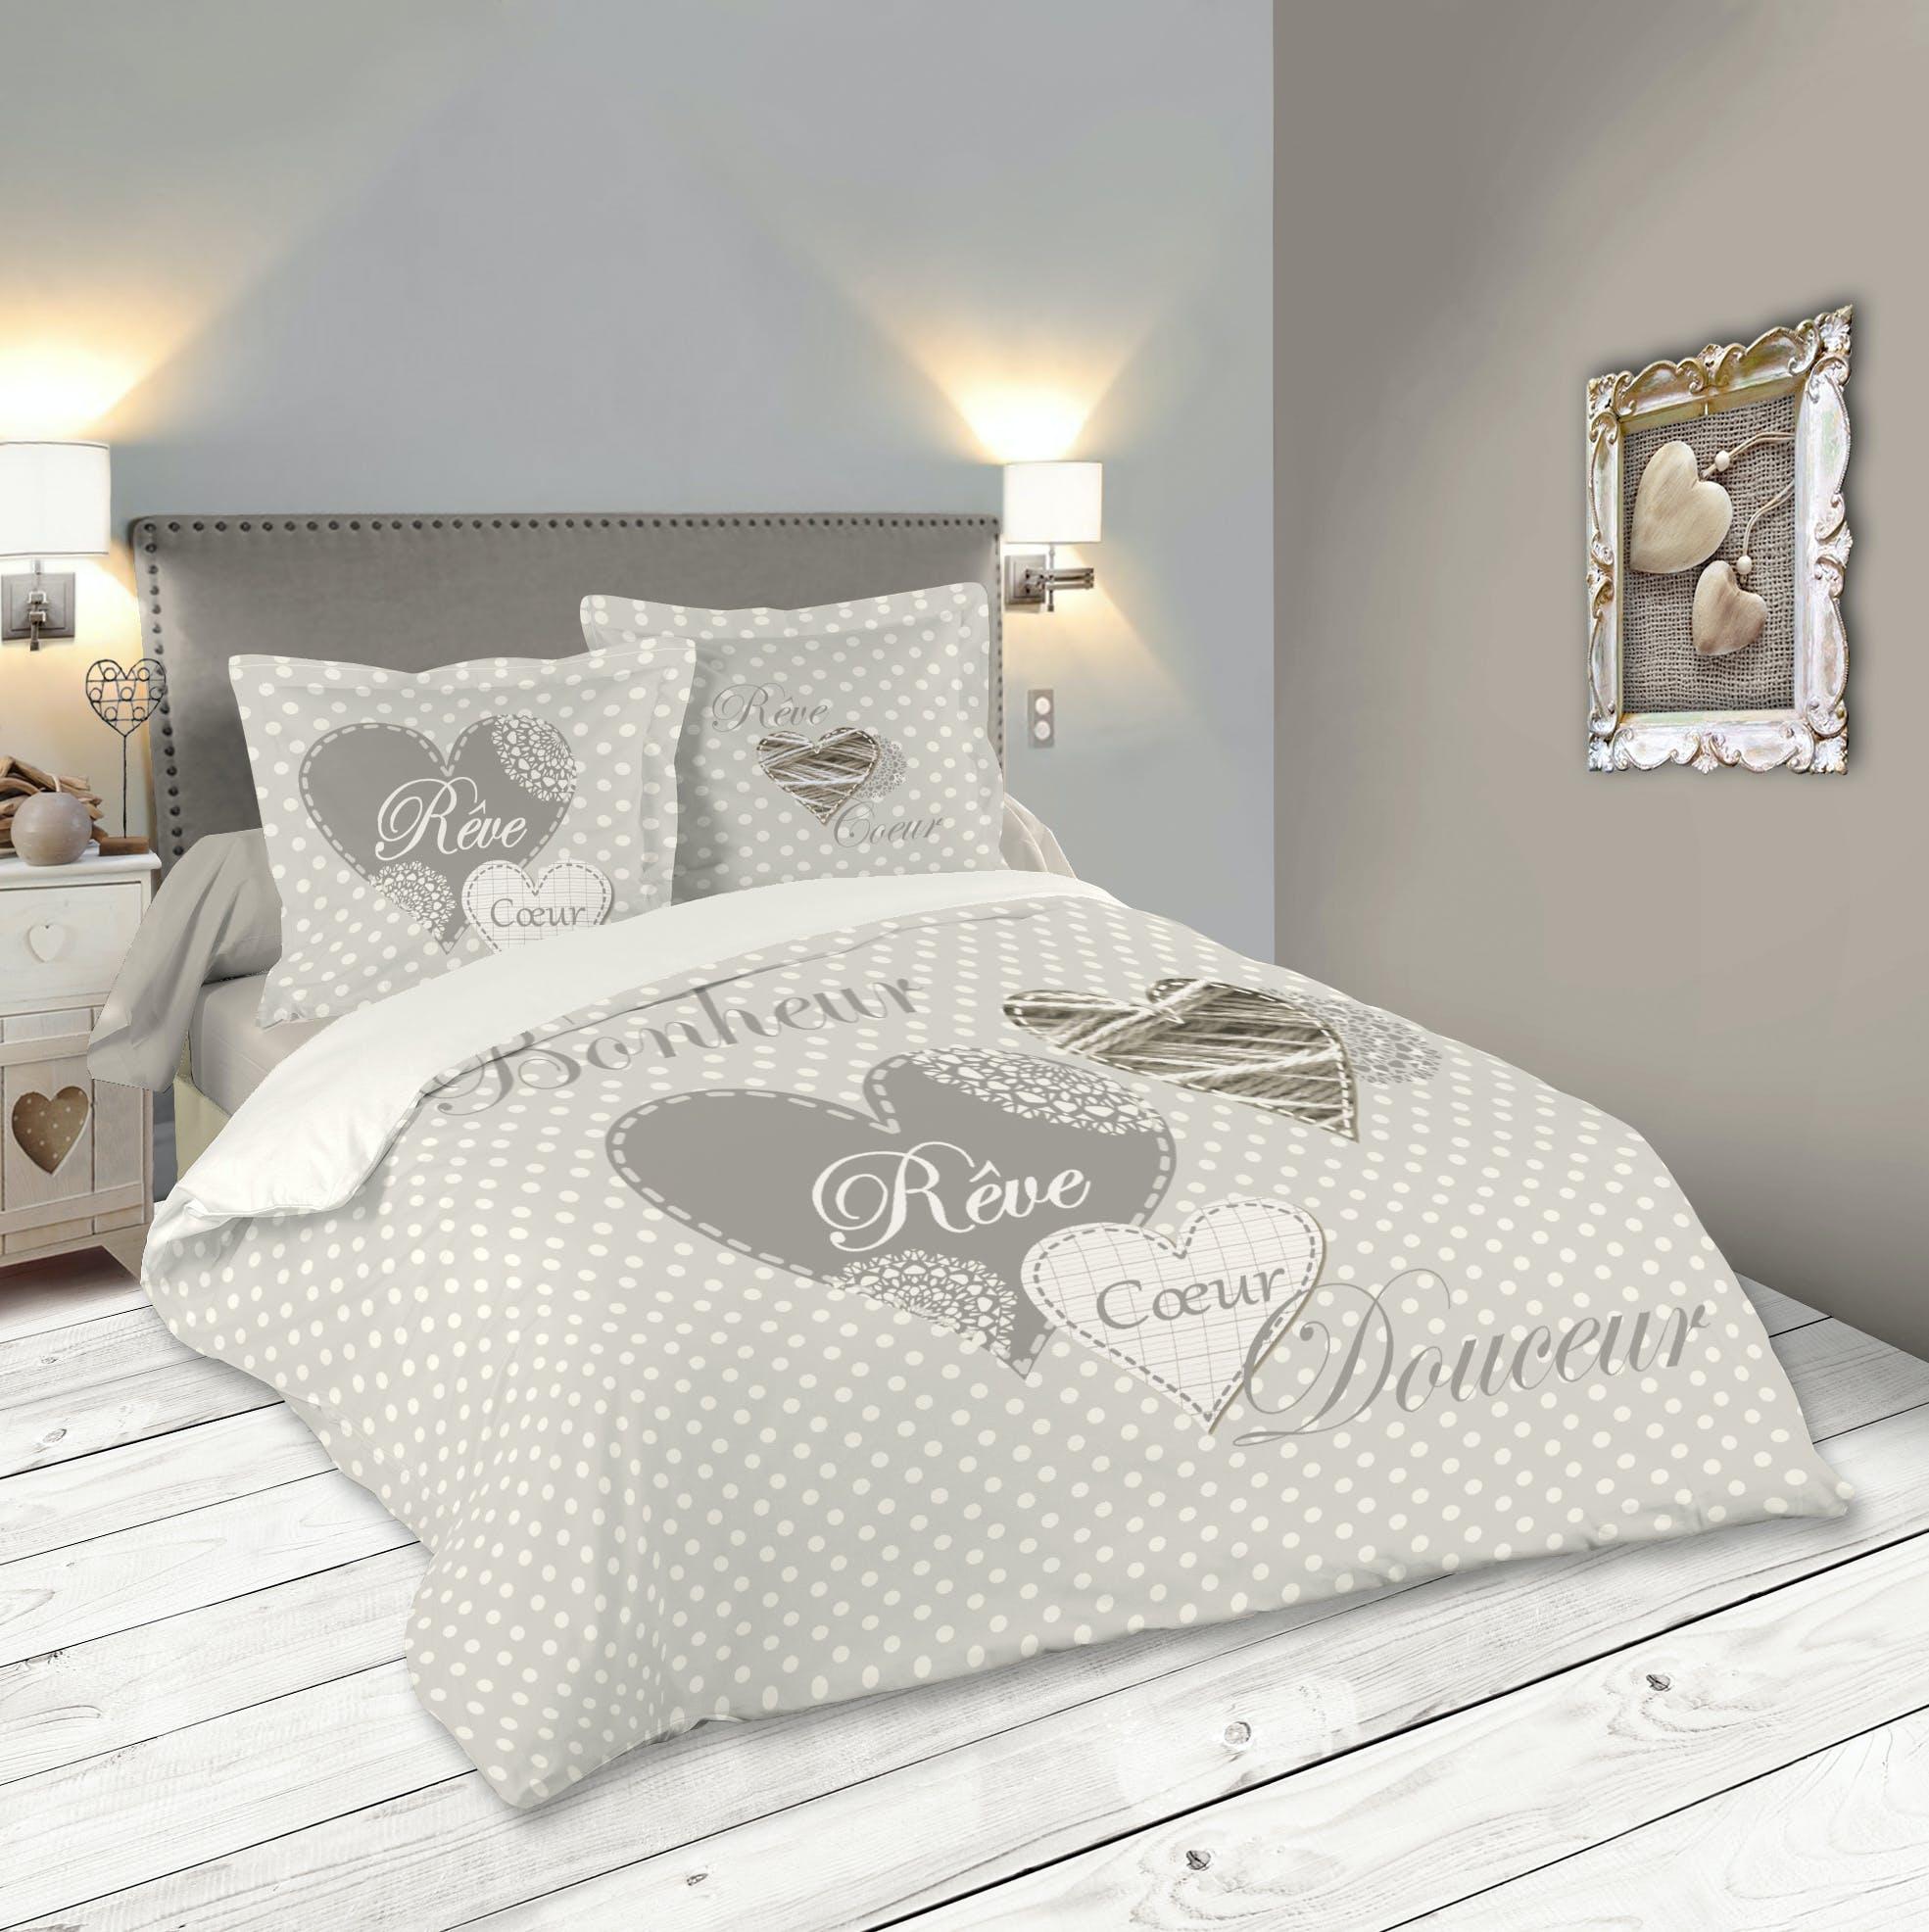 Parure de lit romantique motif coeur 260x240cm housse de couette + 2 taies 63x63cm LYNA